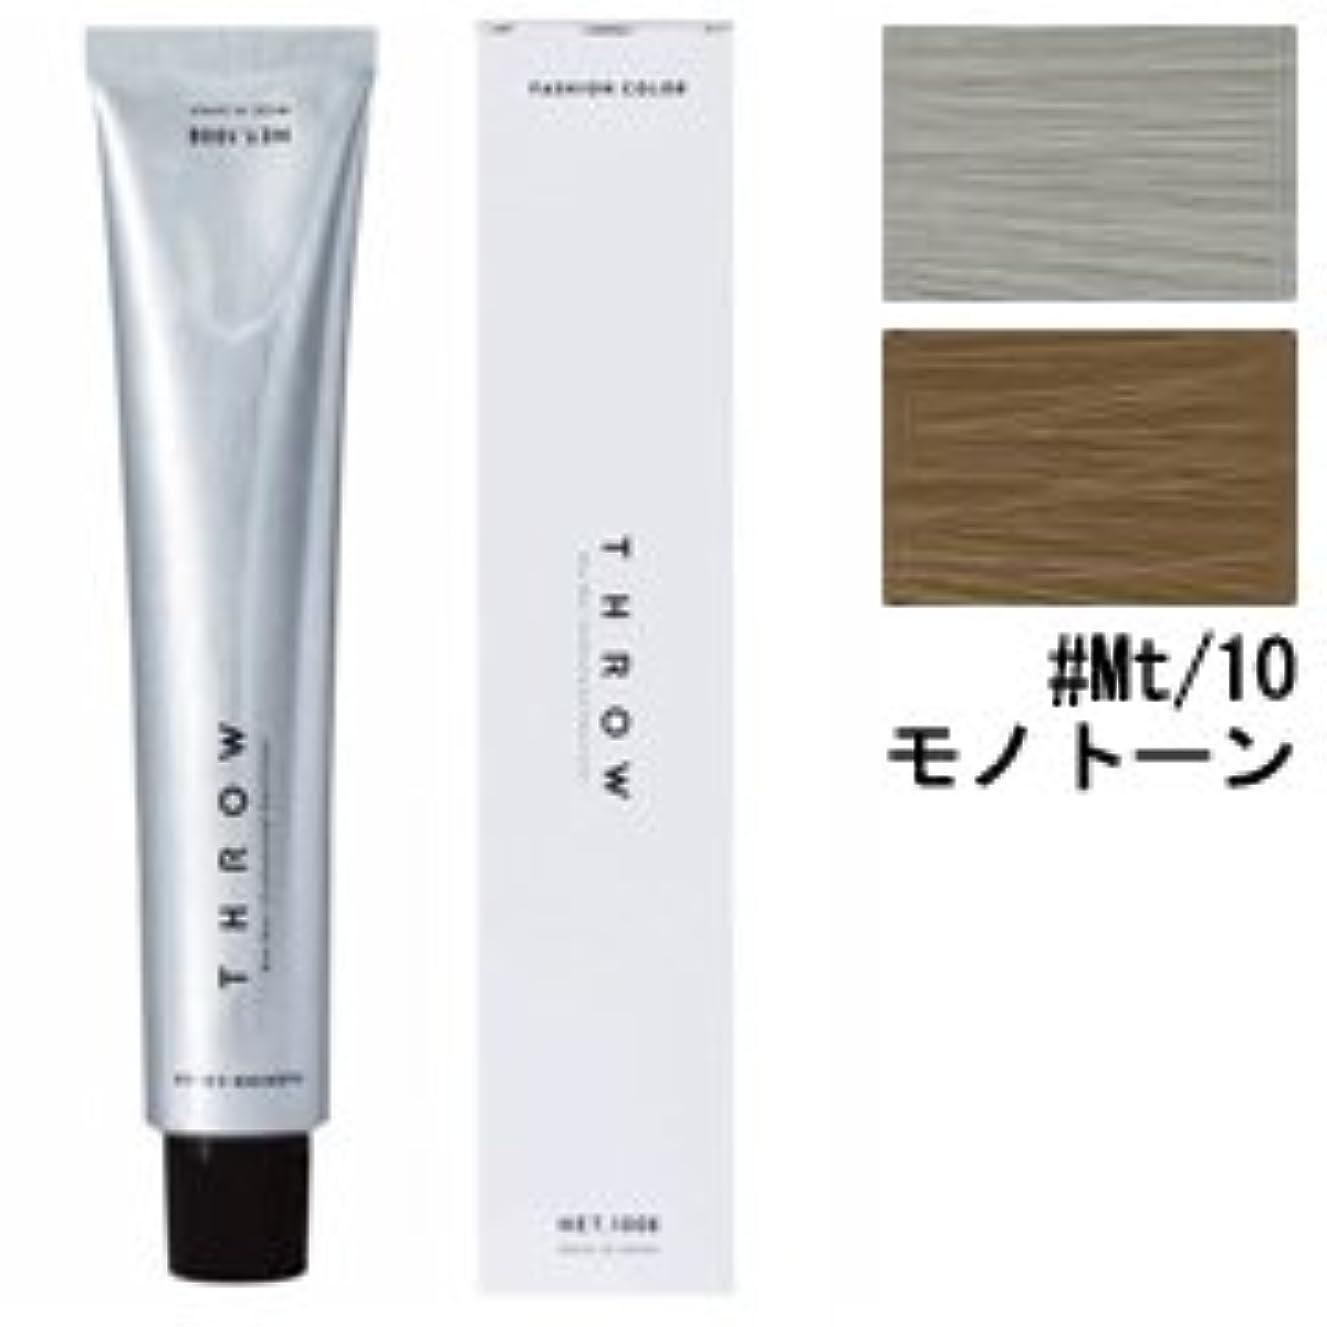 ヒューマニスティックジムバスト【モルトベーネ】スロウ ファッションカラー #Mt/10 モノトーン 100g